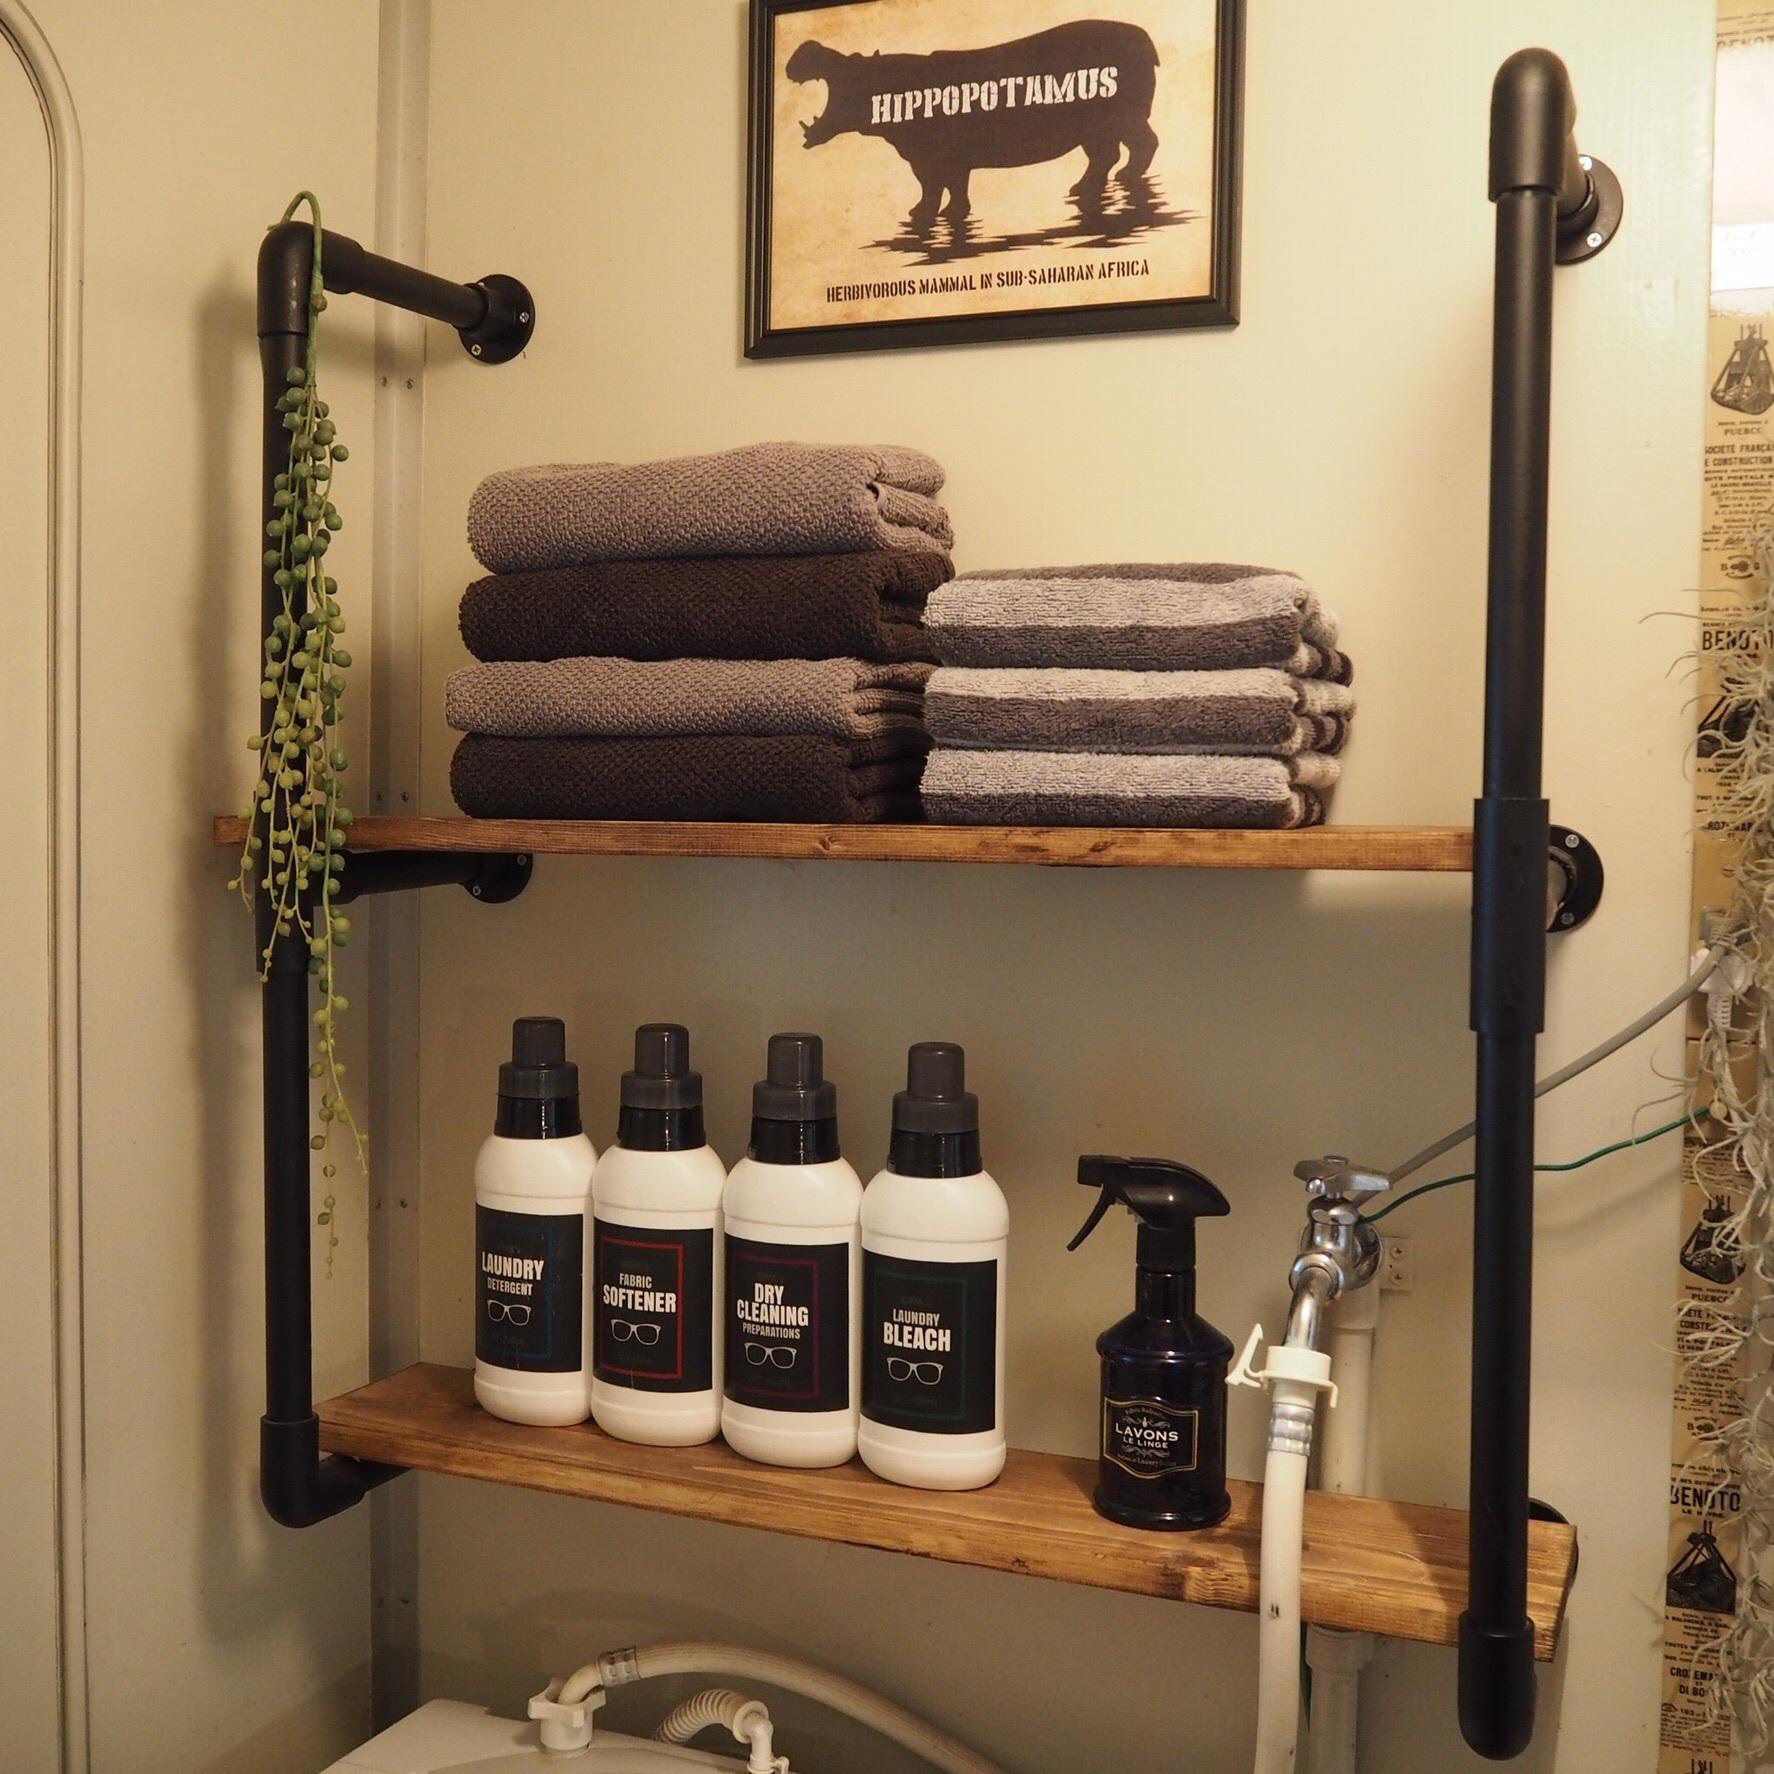 生活感の拭えない脱衣所や洗面所にオススメのインダストリアルなDIYラックのつくり方をご紹介